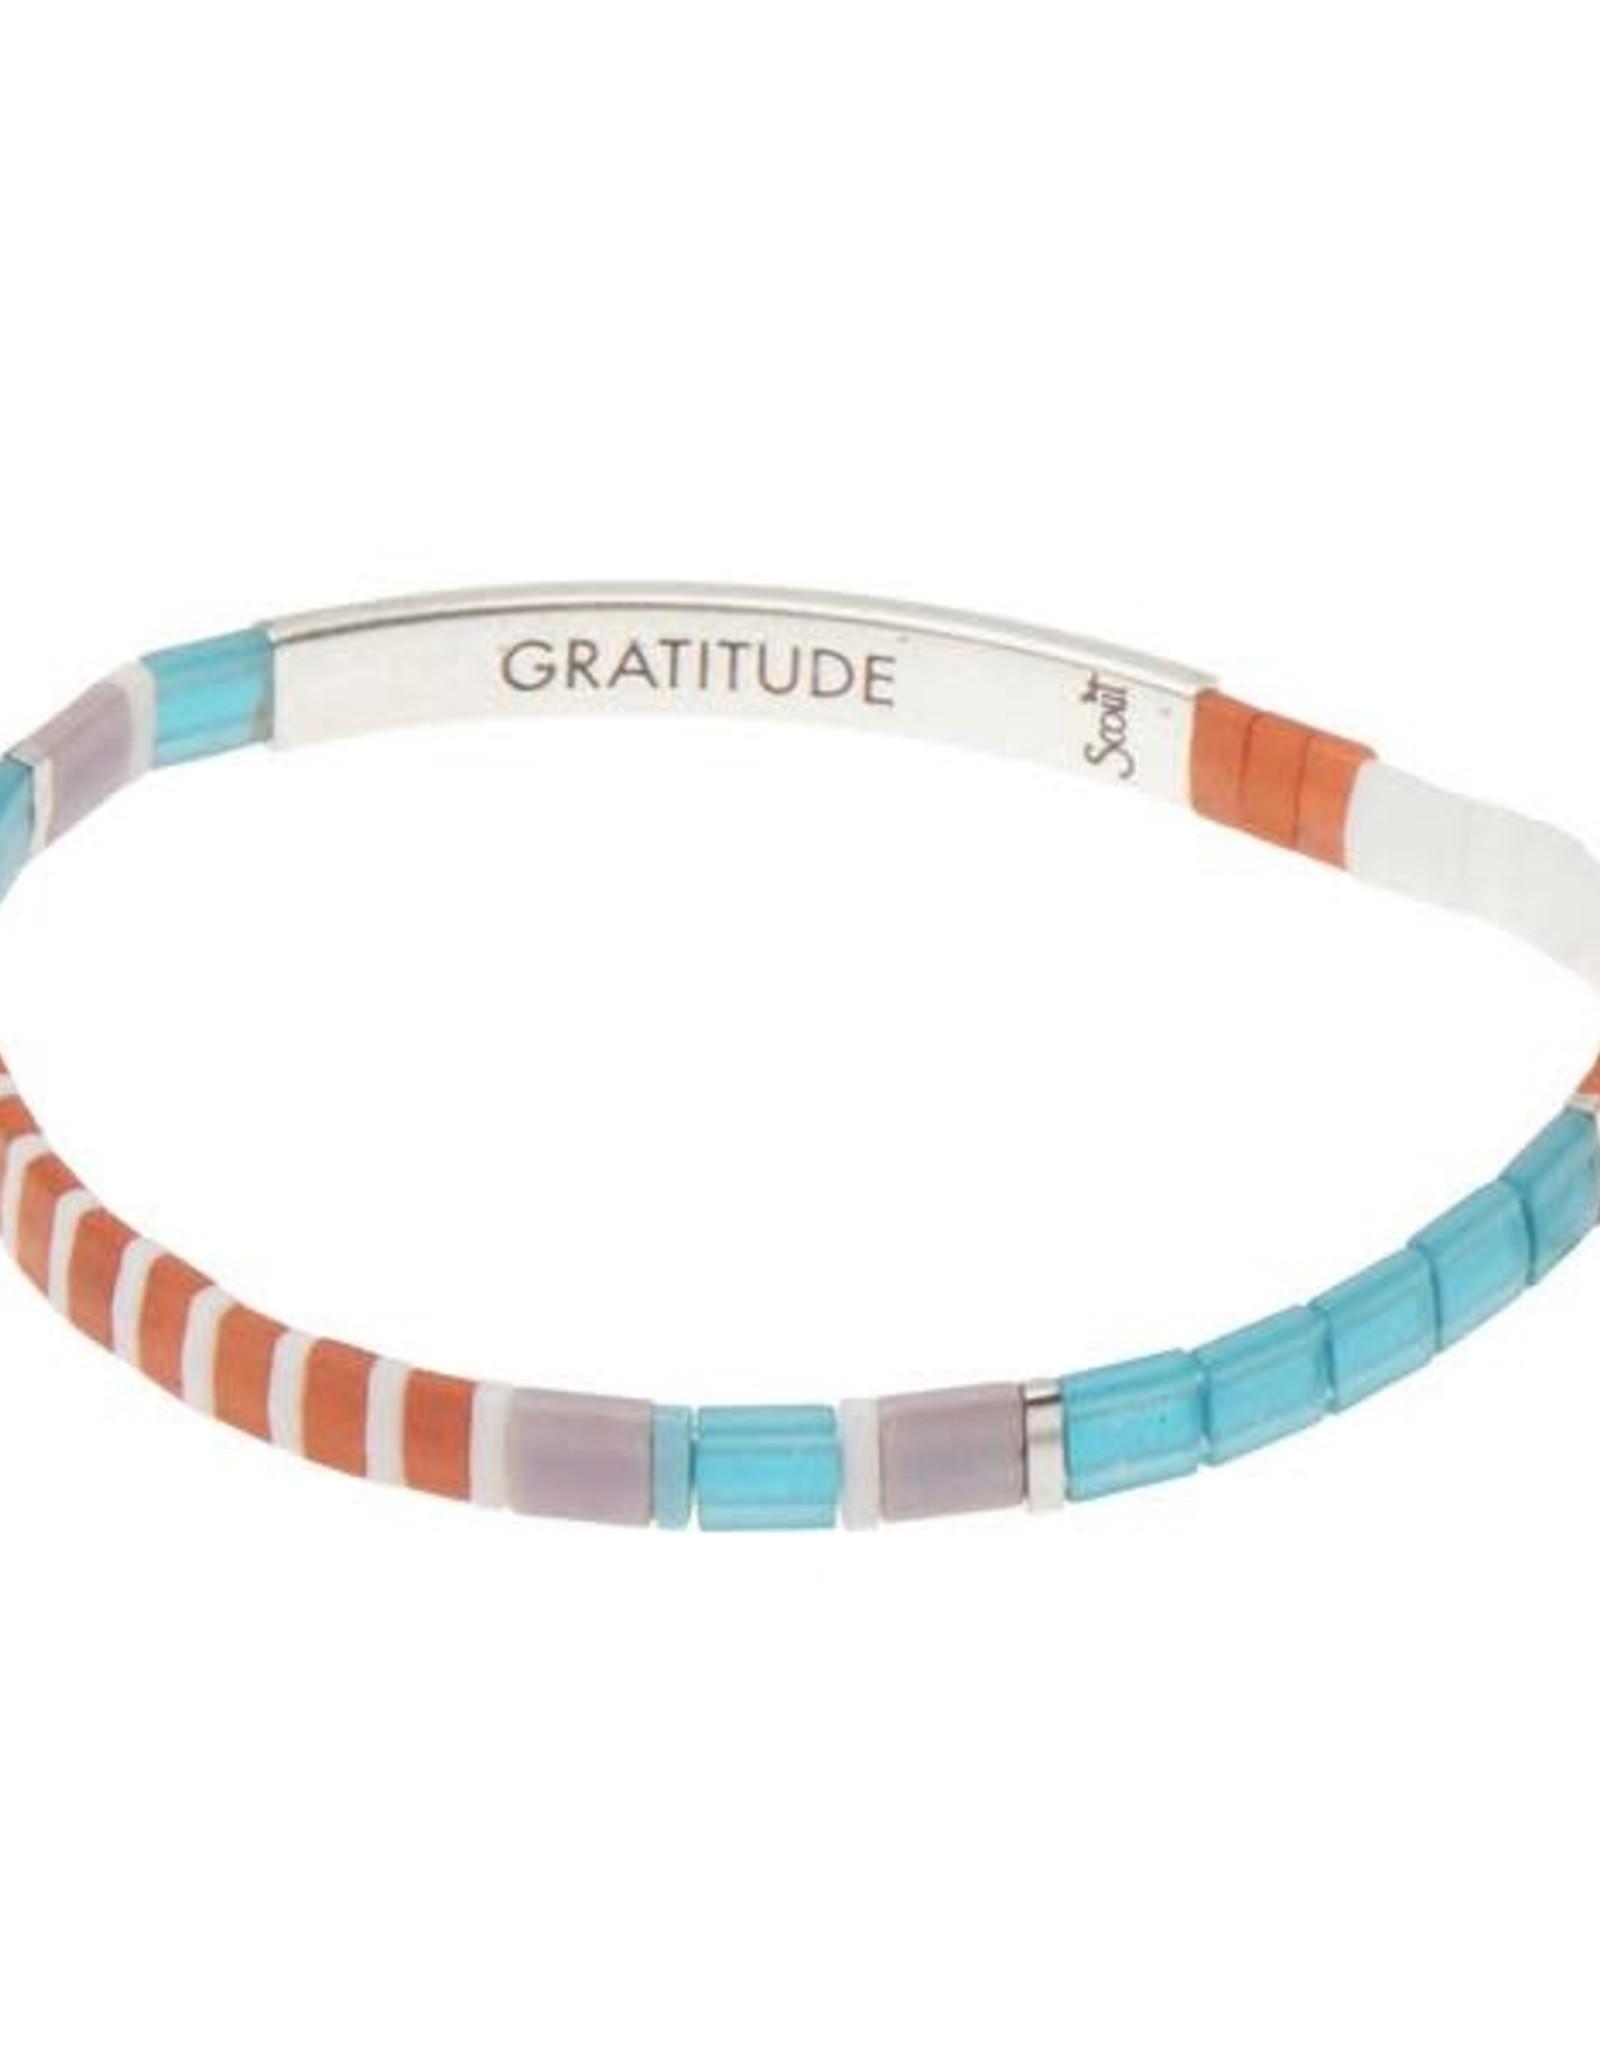 Scout Scout Good Karma Miyuki Bracelet - Gratitude Turquoise/Orange/Silver